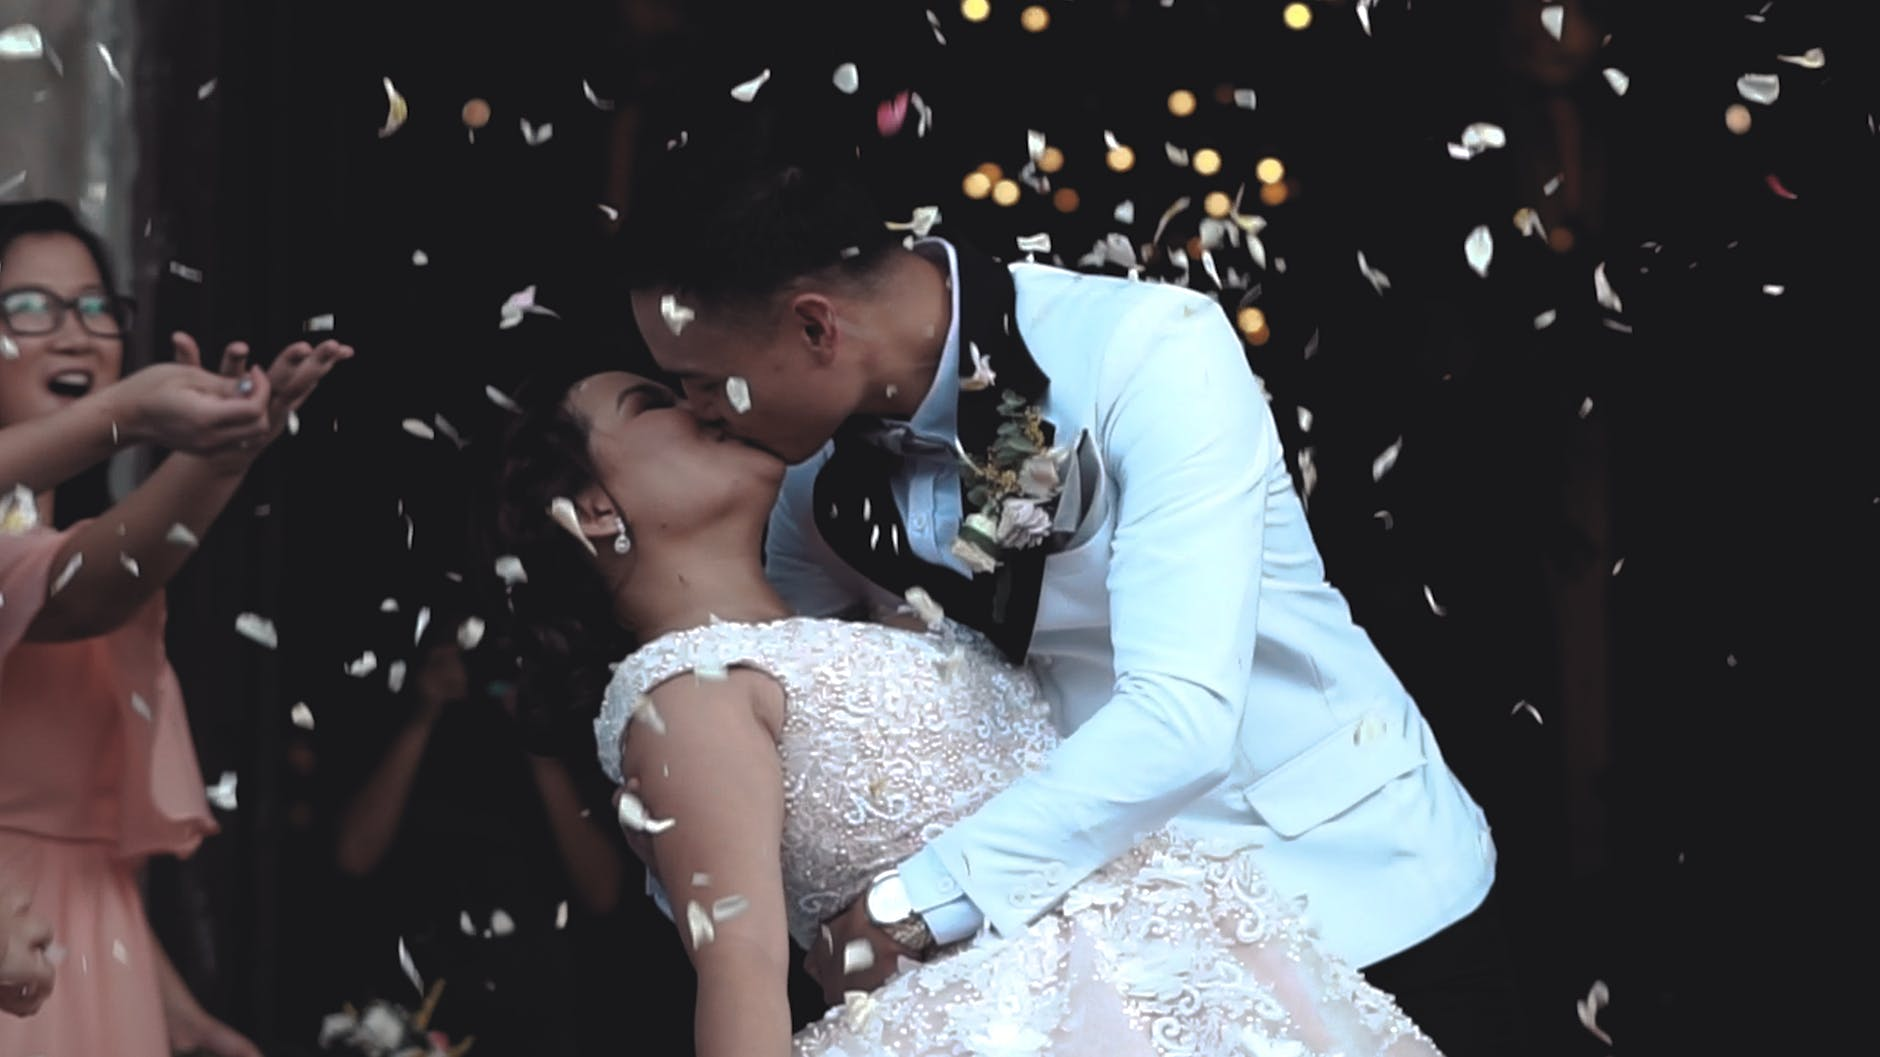 21 mejores deseos de aniversario de matrimonio para tus amigos casados